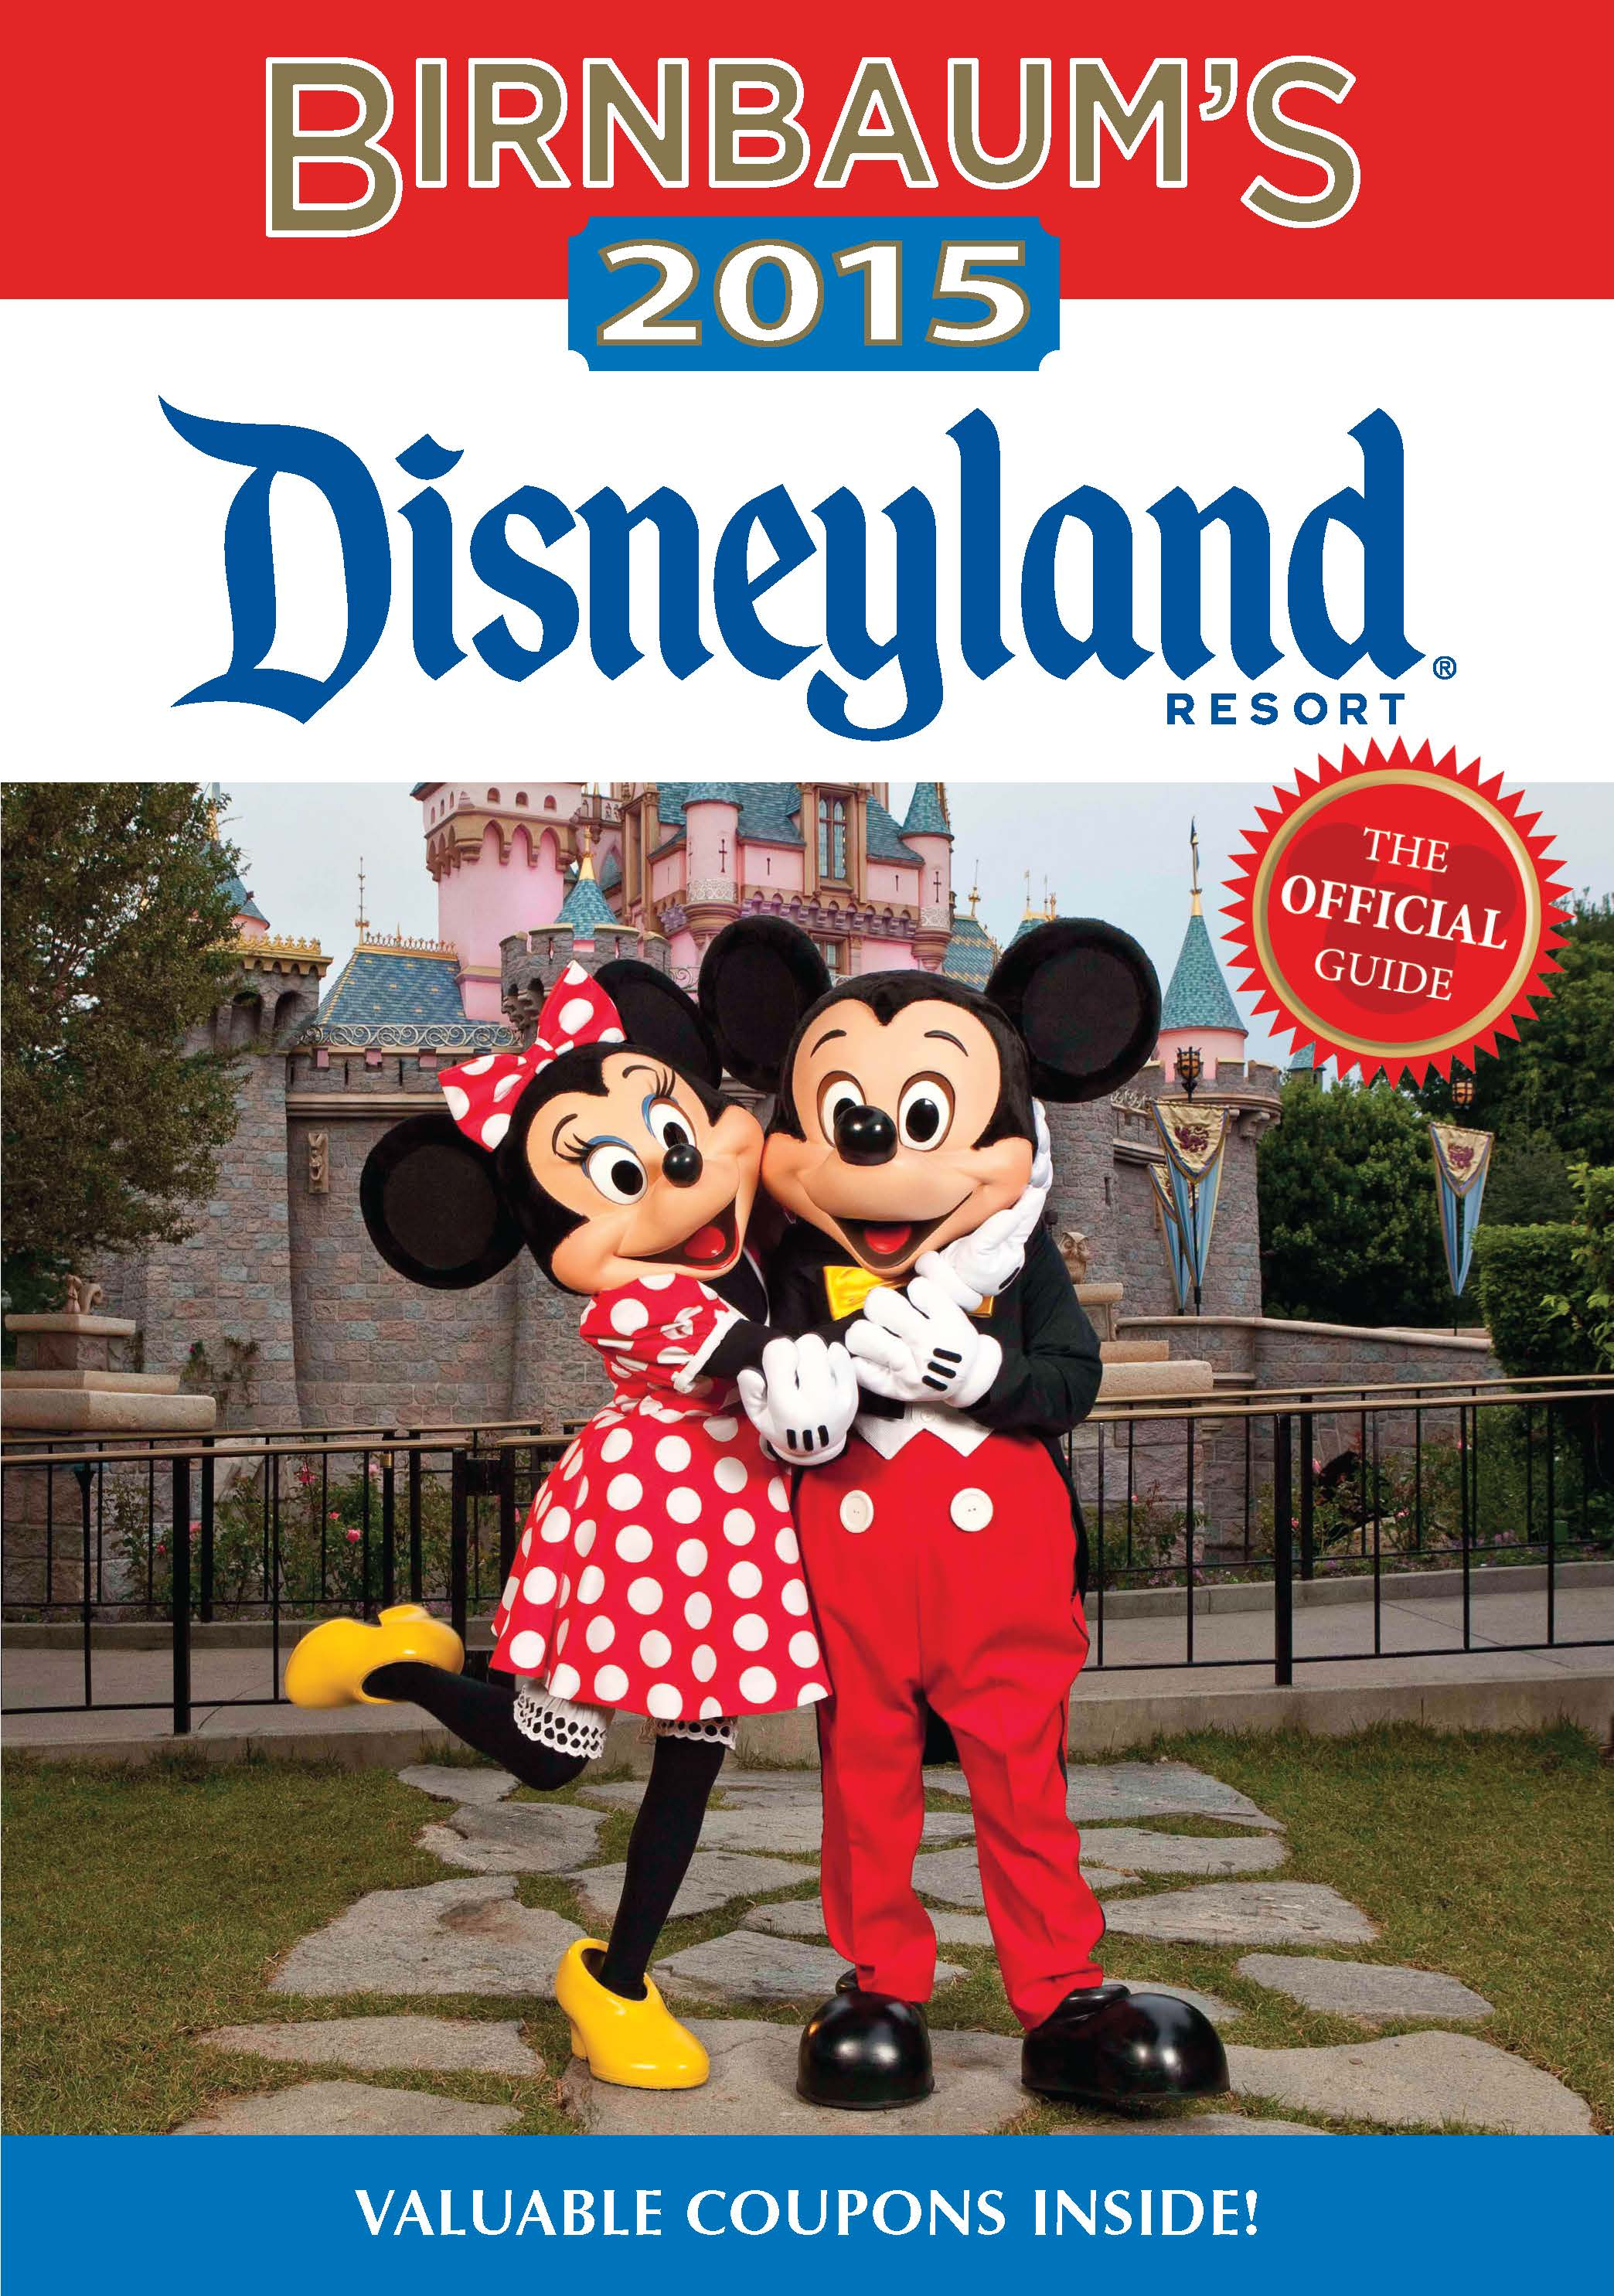 Printables for Kids   Disney Family